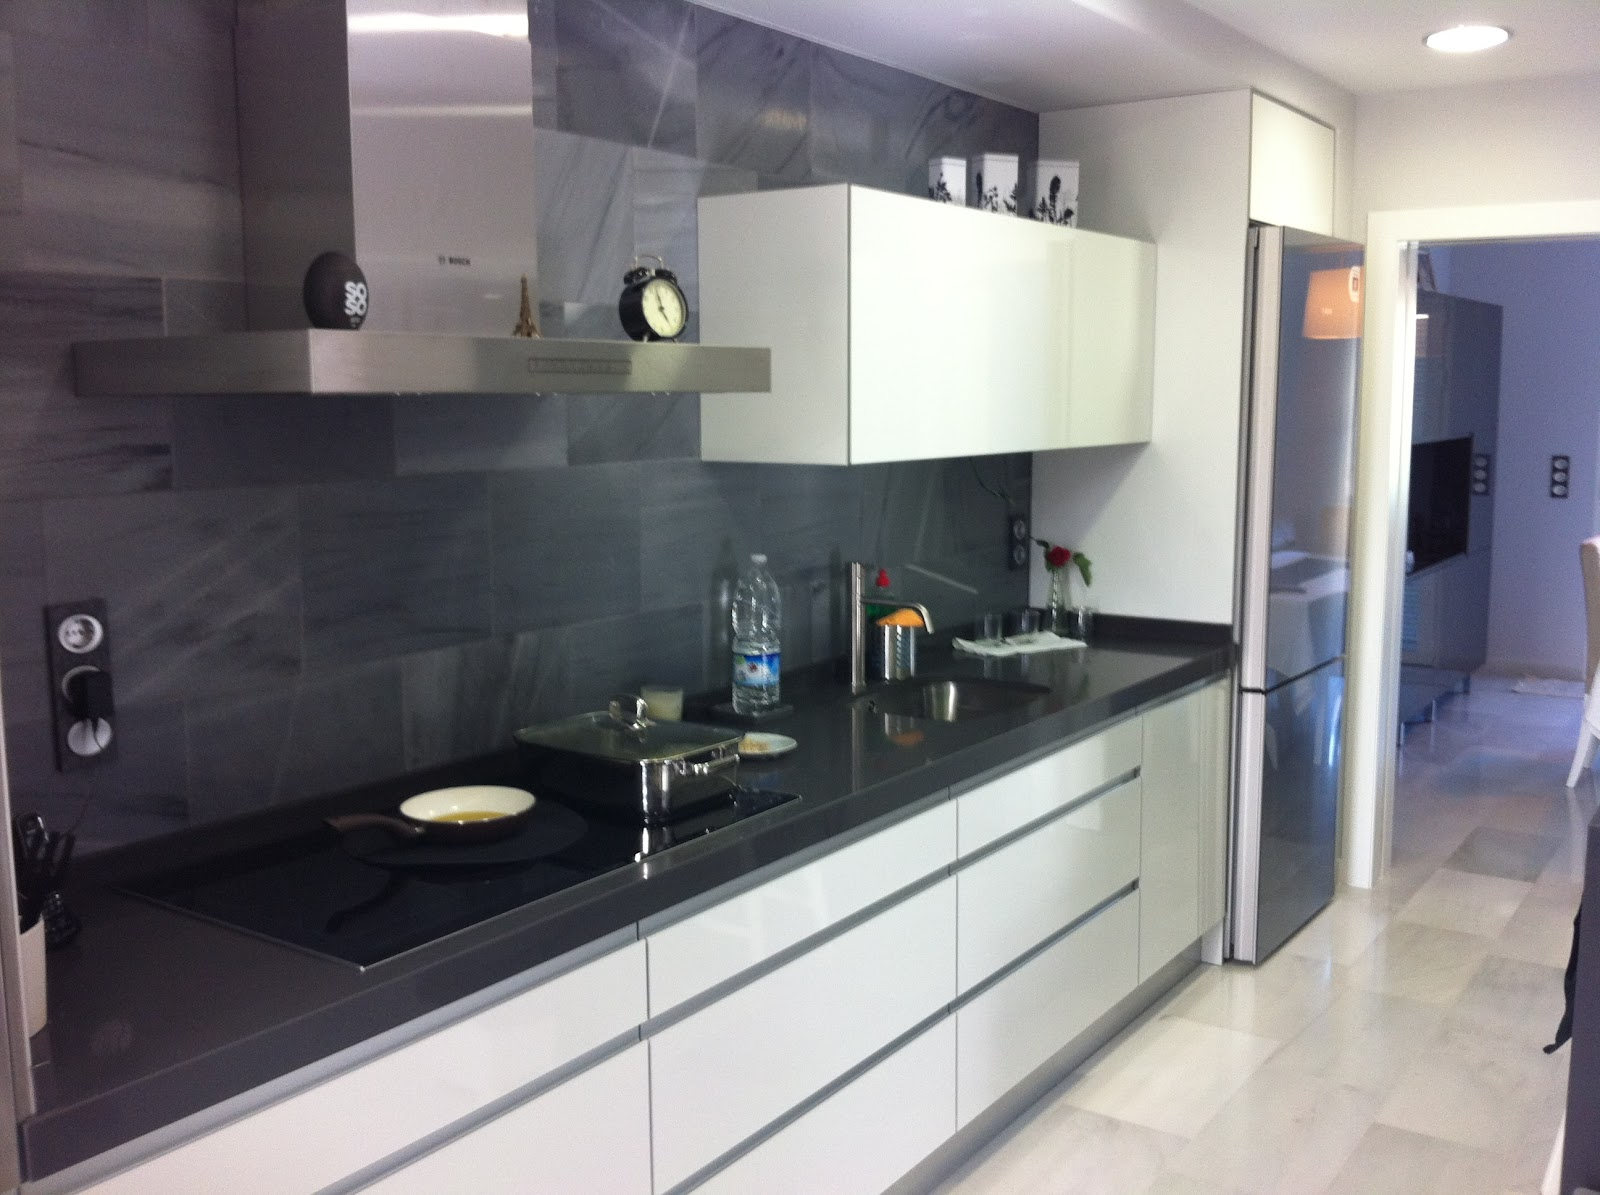 Formas almacen de cocinas cocina con o sin tiradores - Tiradores de puertas de cocina ...